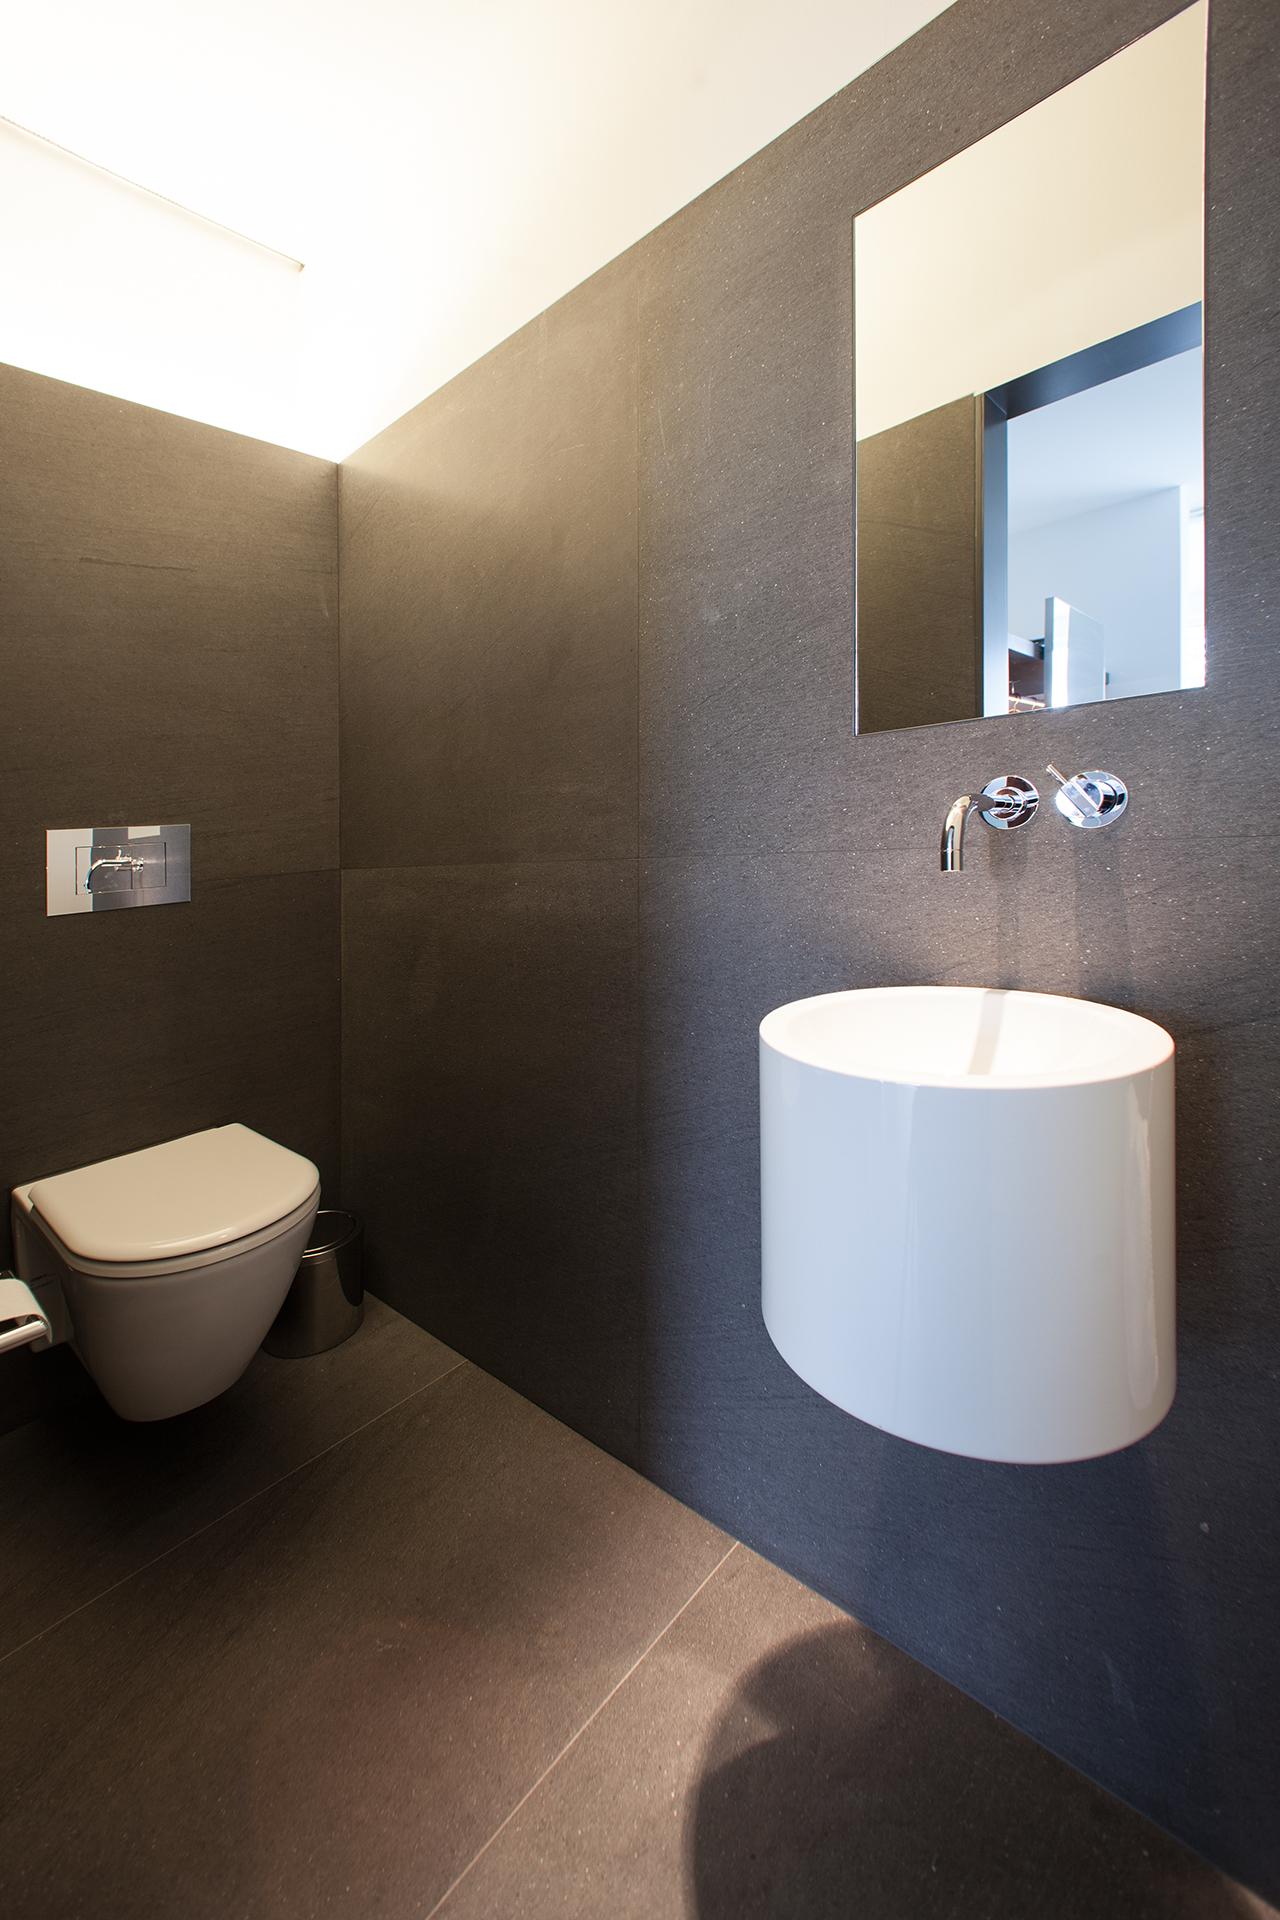 marmor_radermacher_bad_Basaltina_zeitlose_badgestaltung_exklusive_materialien_köln_düsseldorf